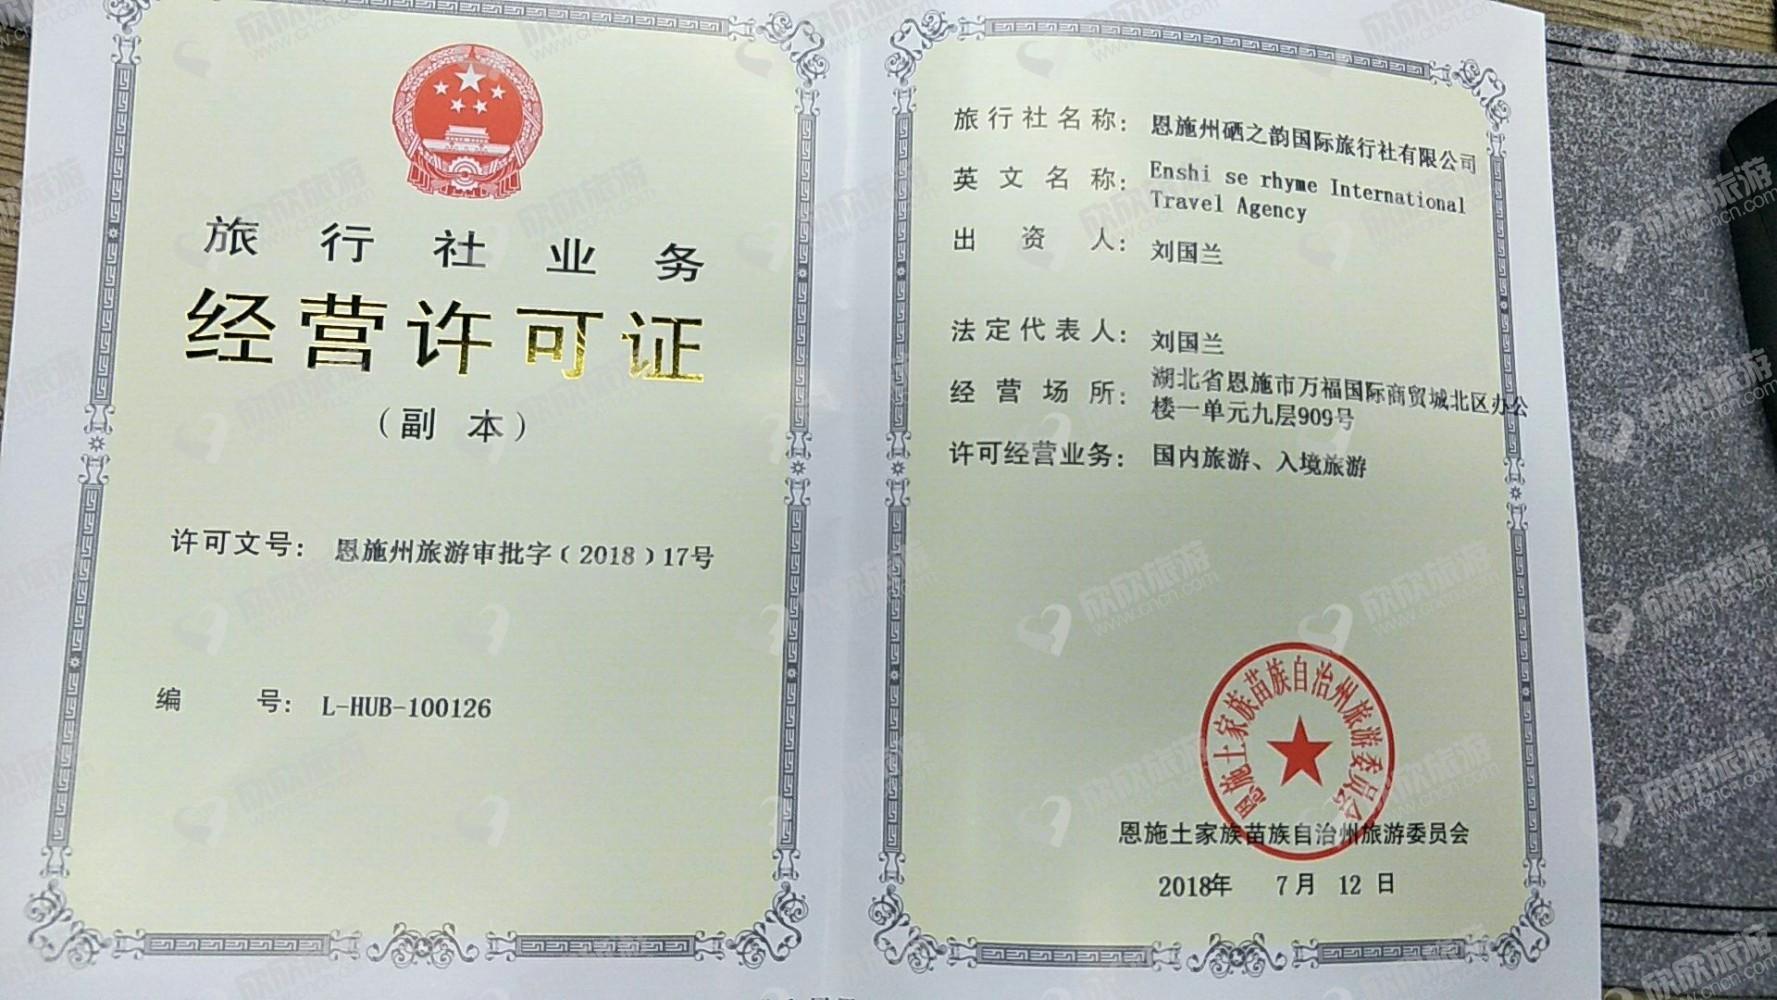 恩施州硒之韵国际旅行社有限公司经营许可证